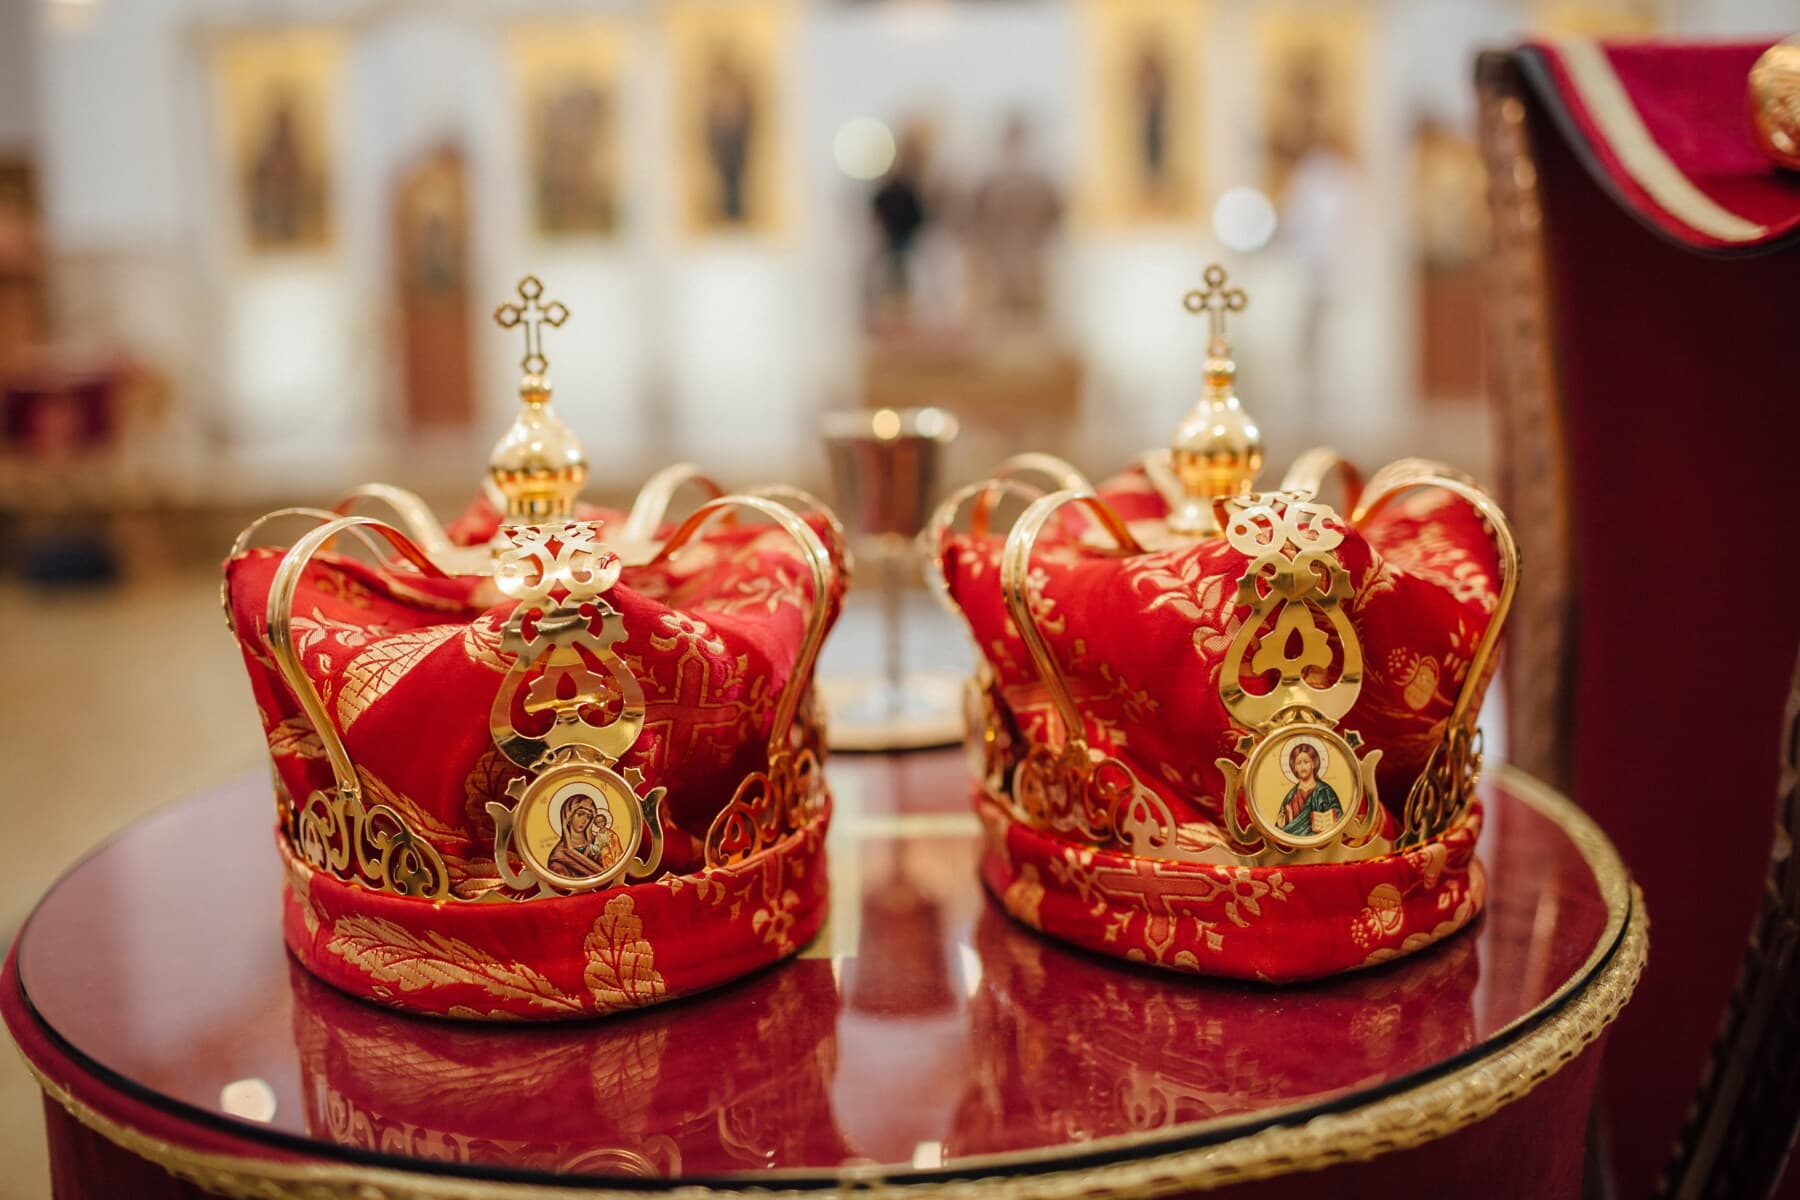 éclat doré, Couronne, or, couronnement, religion, mariage, baptême, Imperial, royalties, décoration